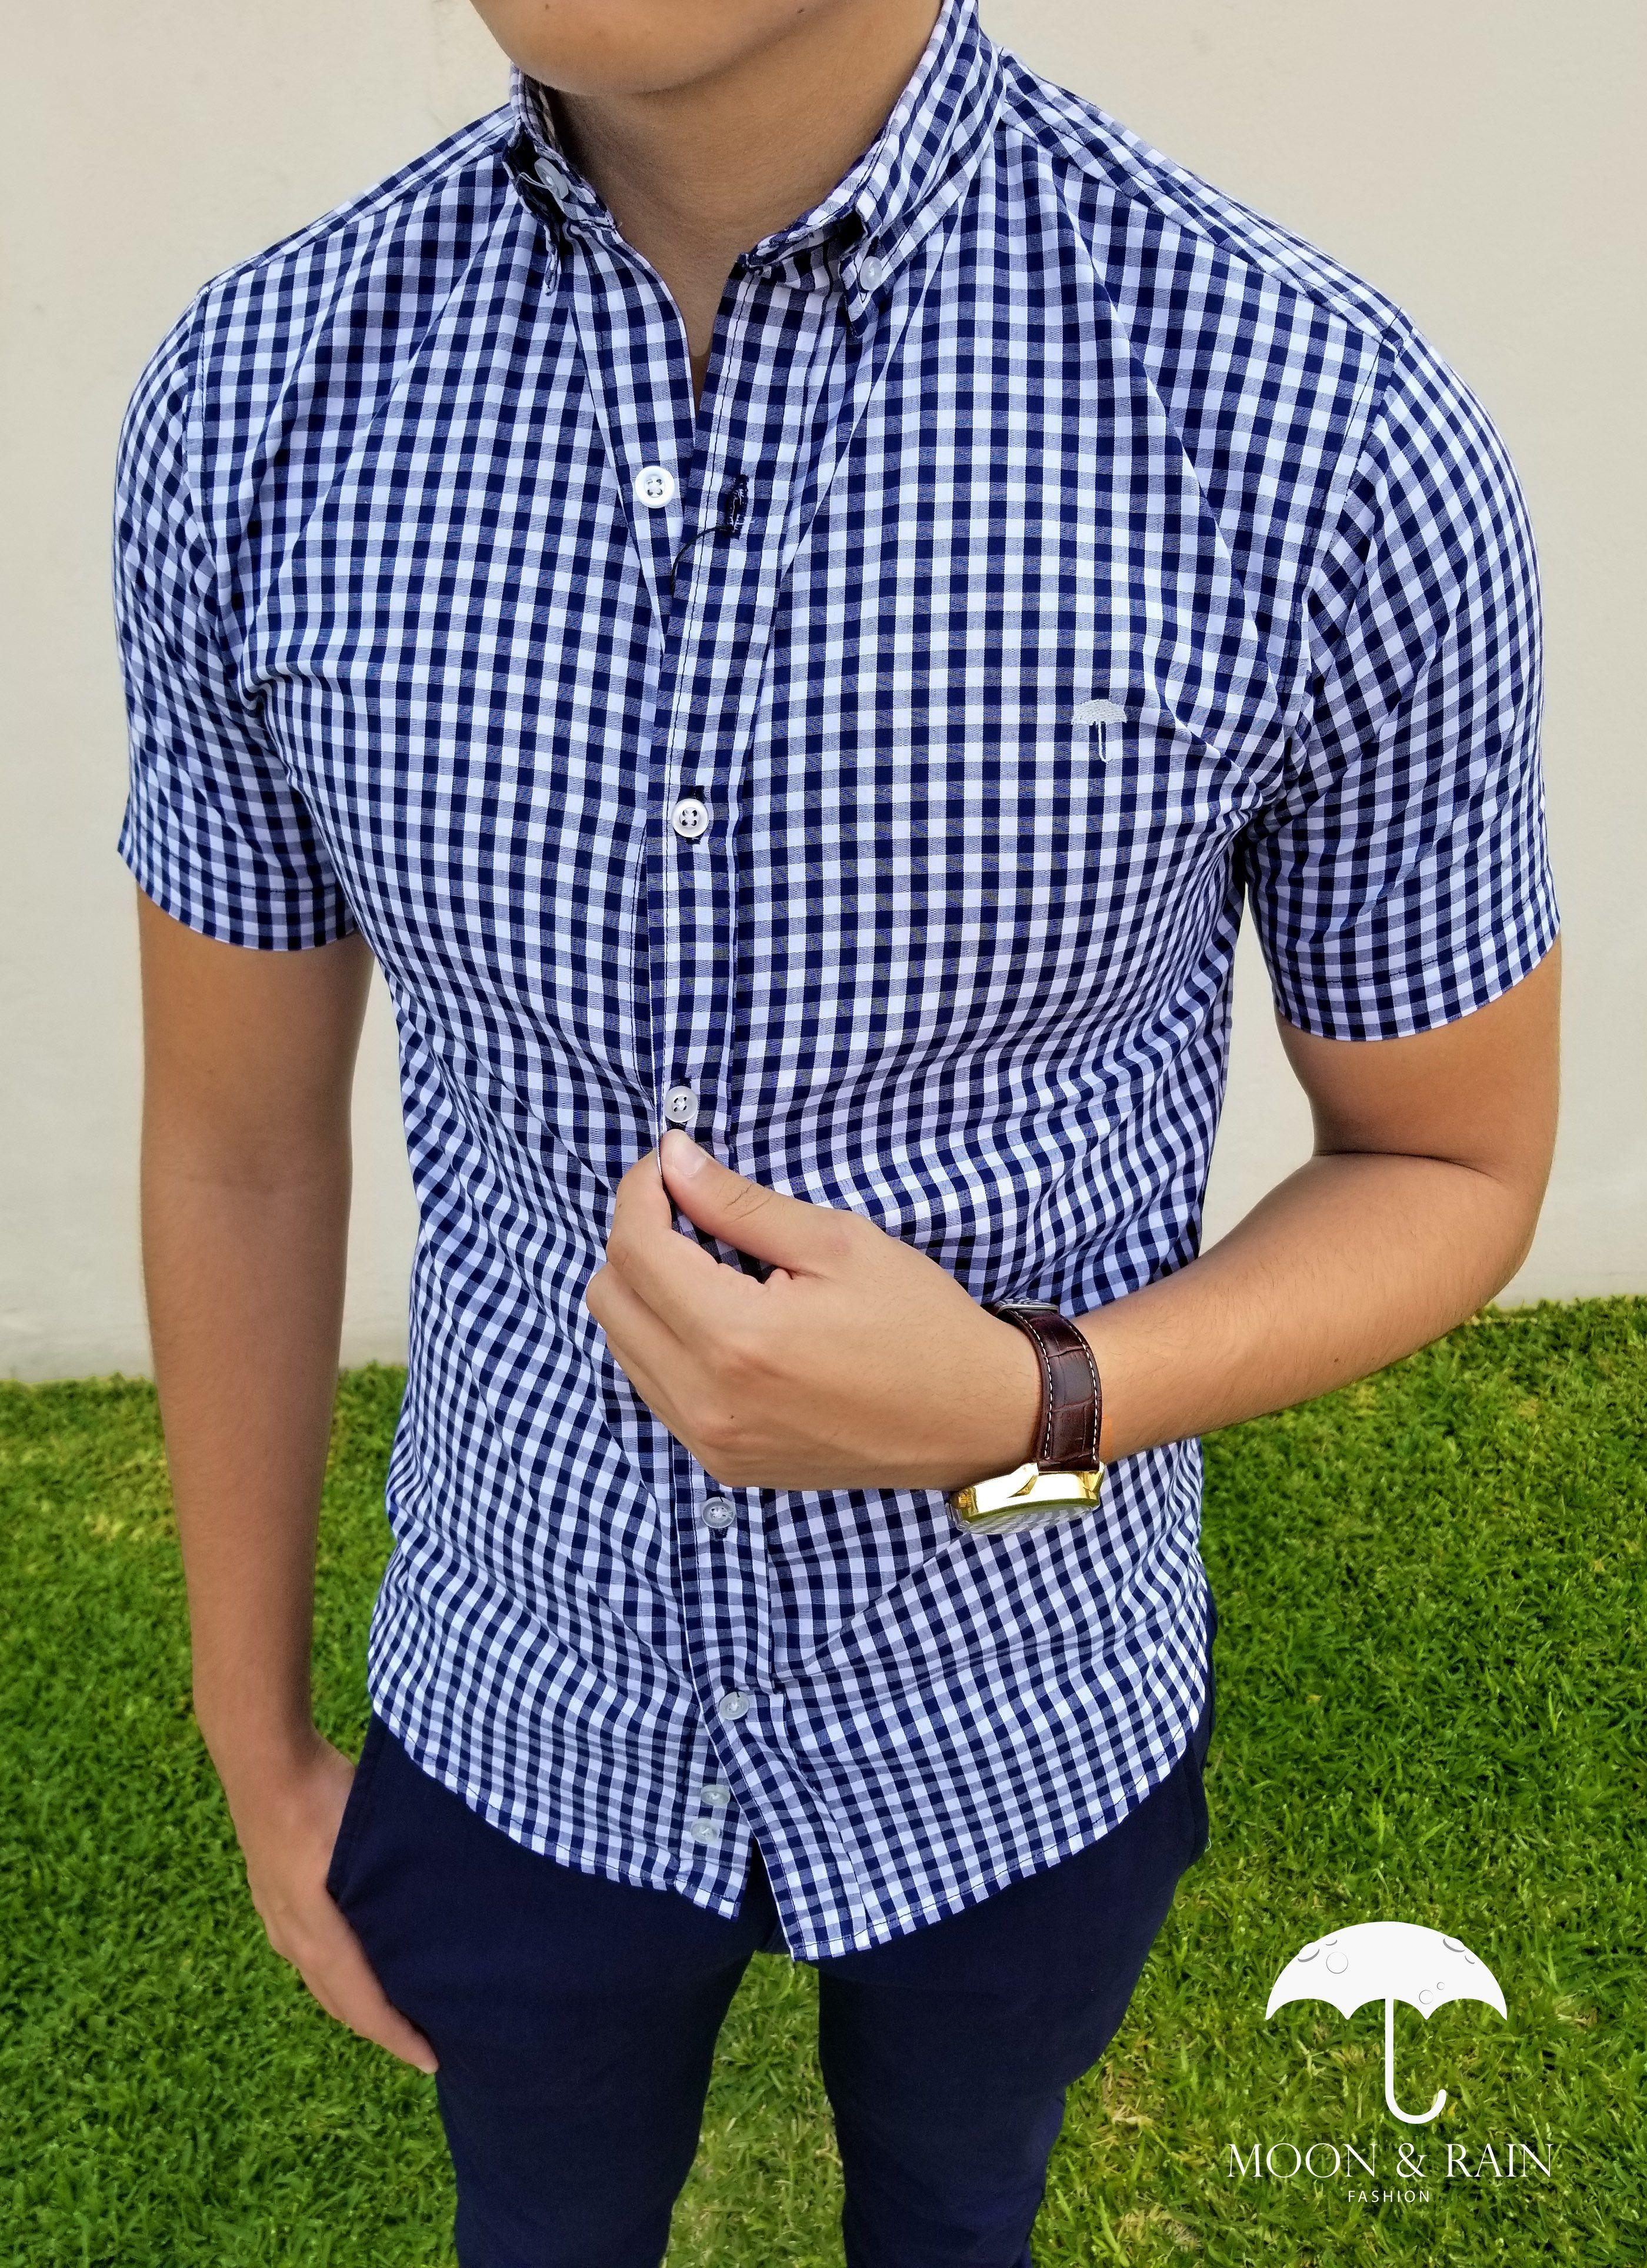 Ropa para hombre ideal para una ocasión casual y o formal  Camisa Manga  Corta Cuadros Azules y Pantalón de Vestir de la marca Moon   Rain 8f474b958f2